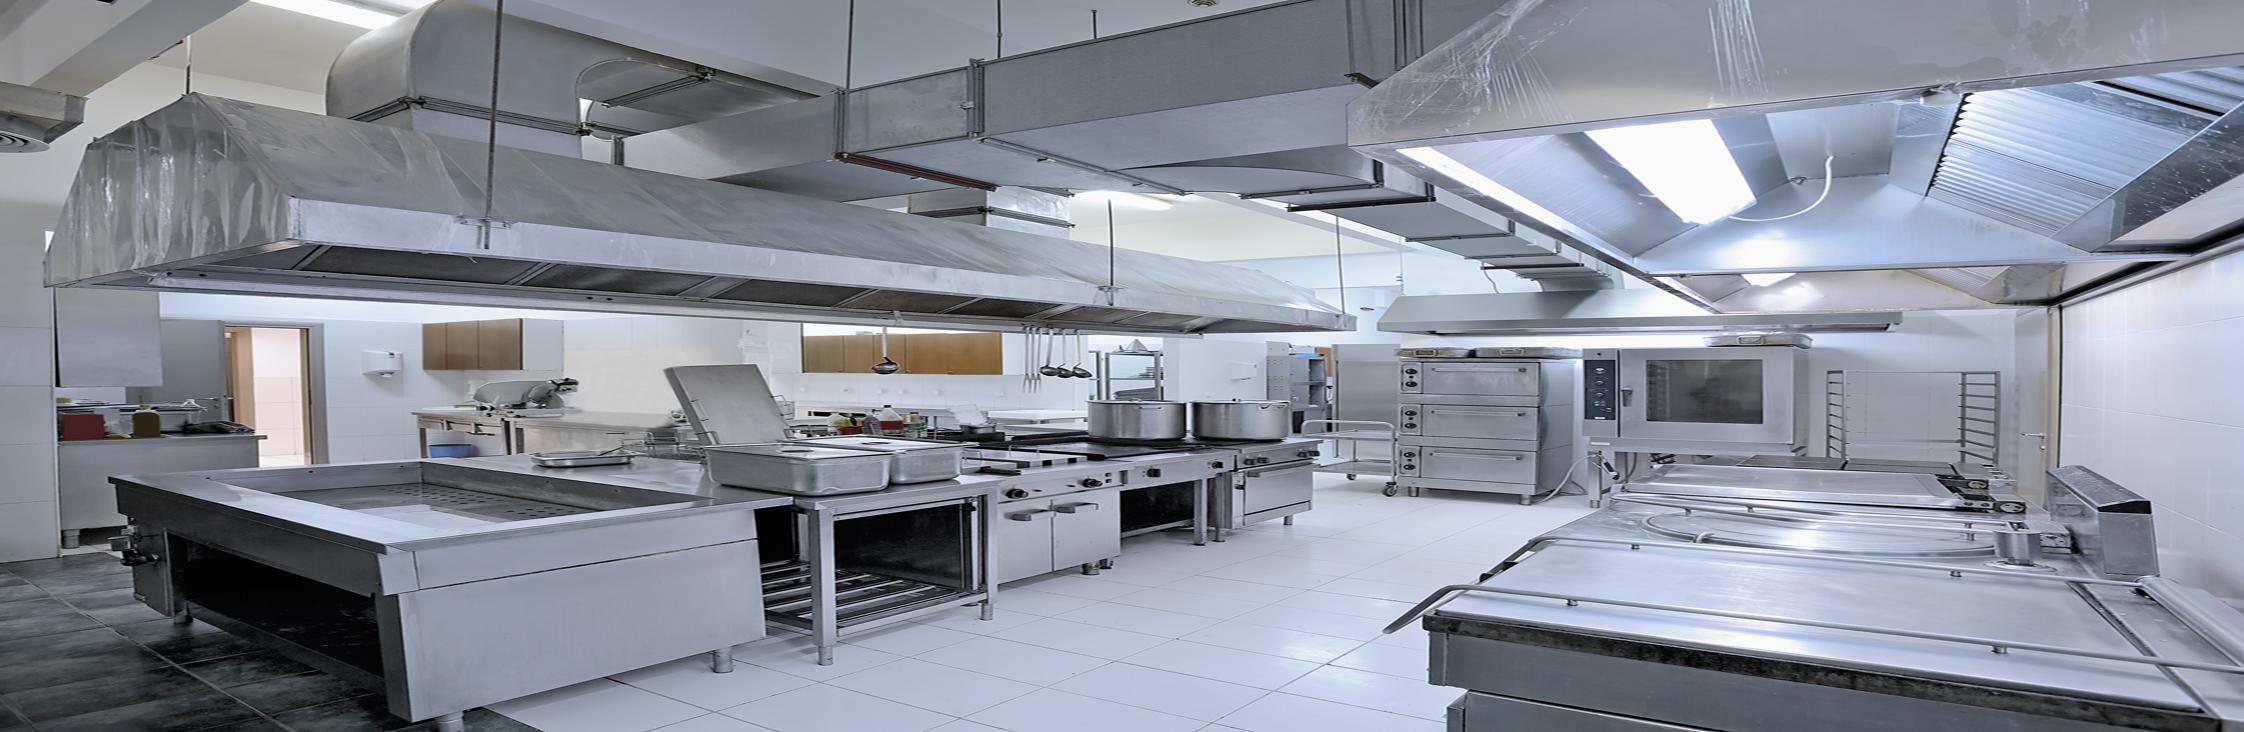 放心厨房工程,由新邑航缔造